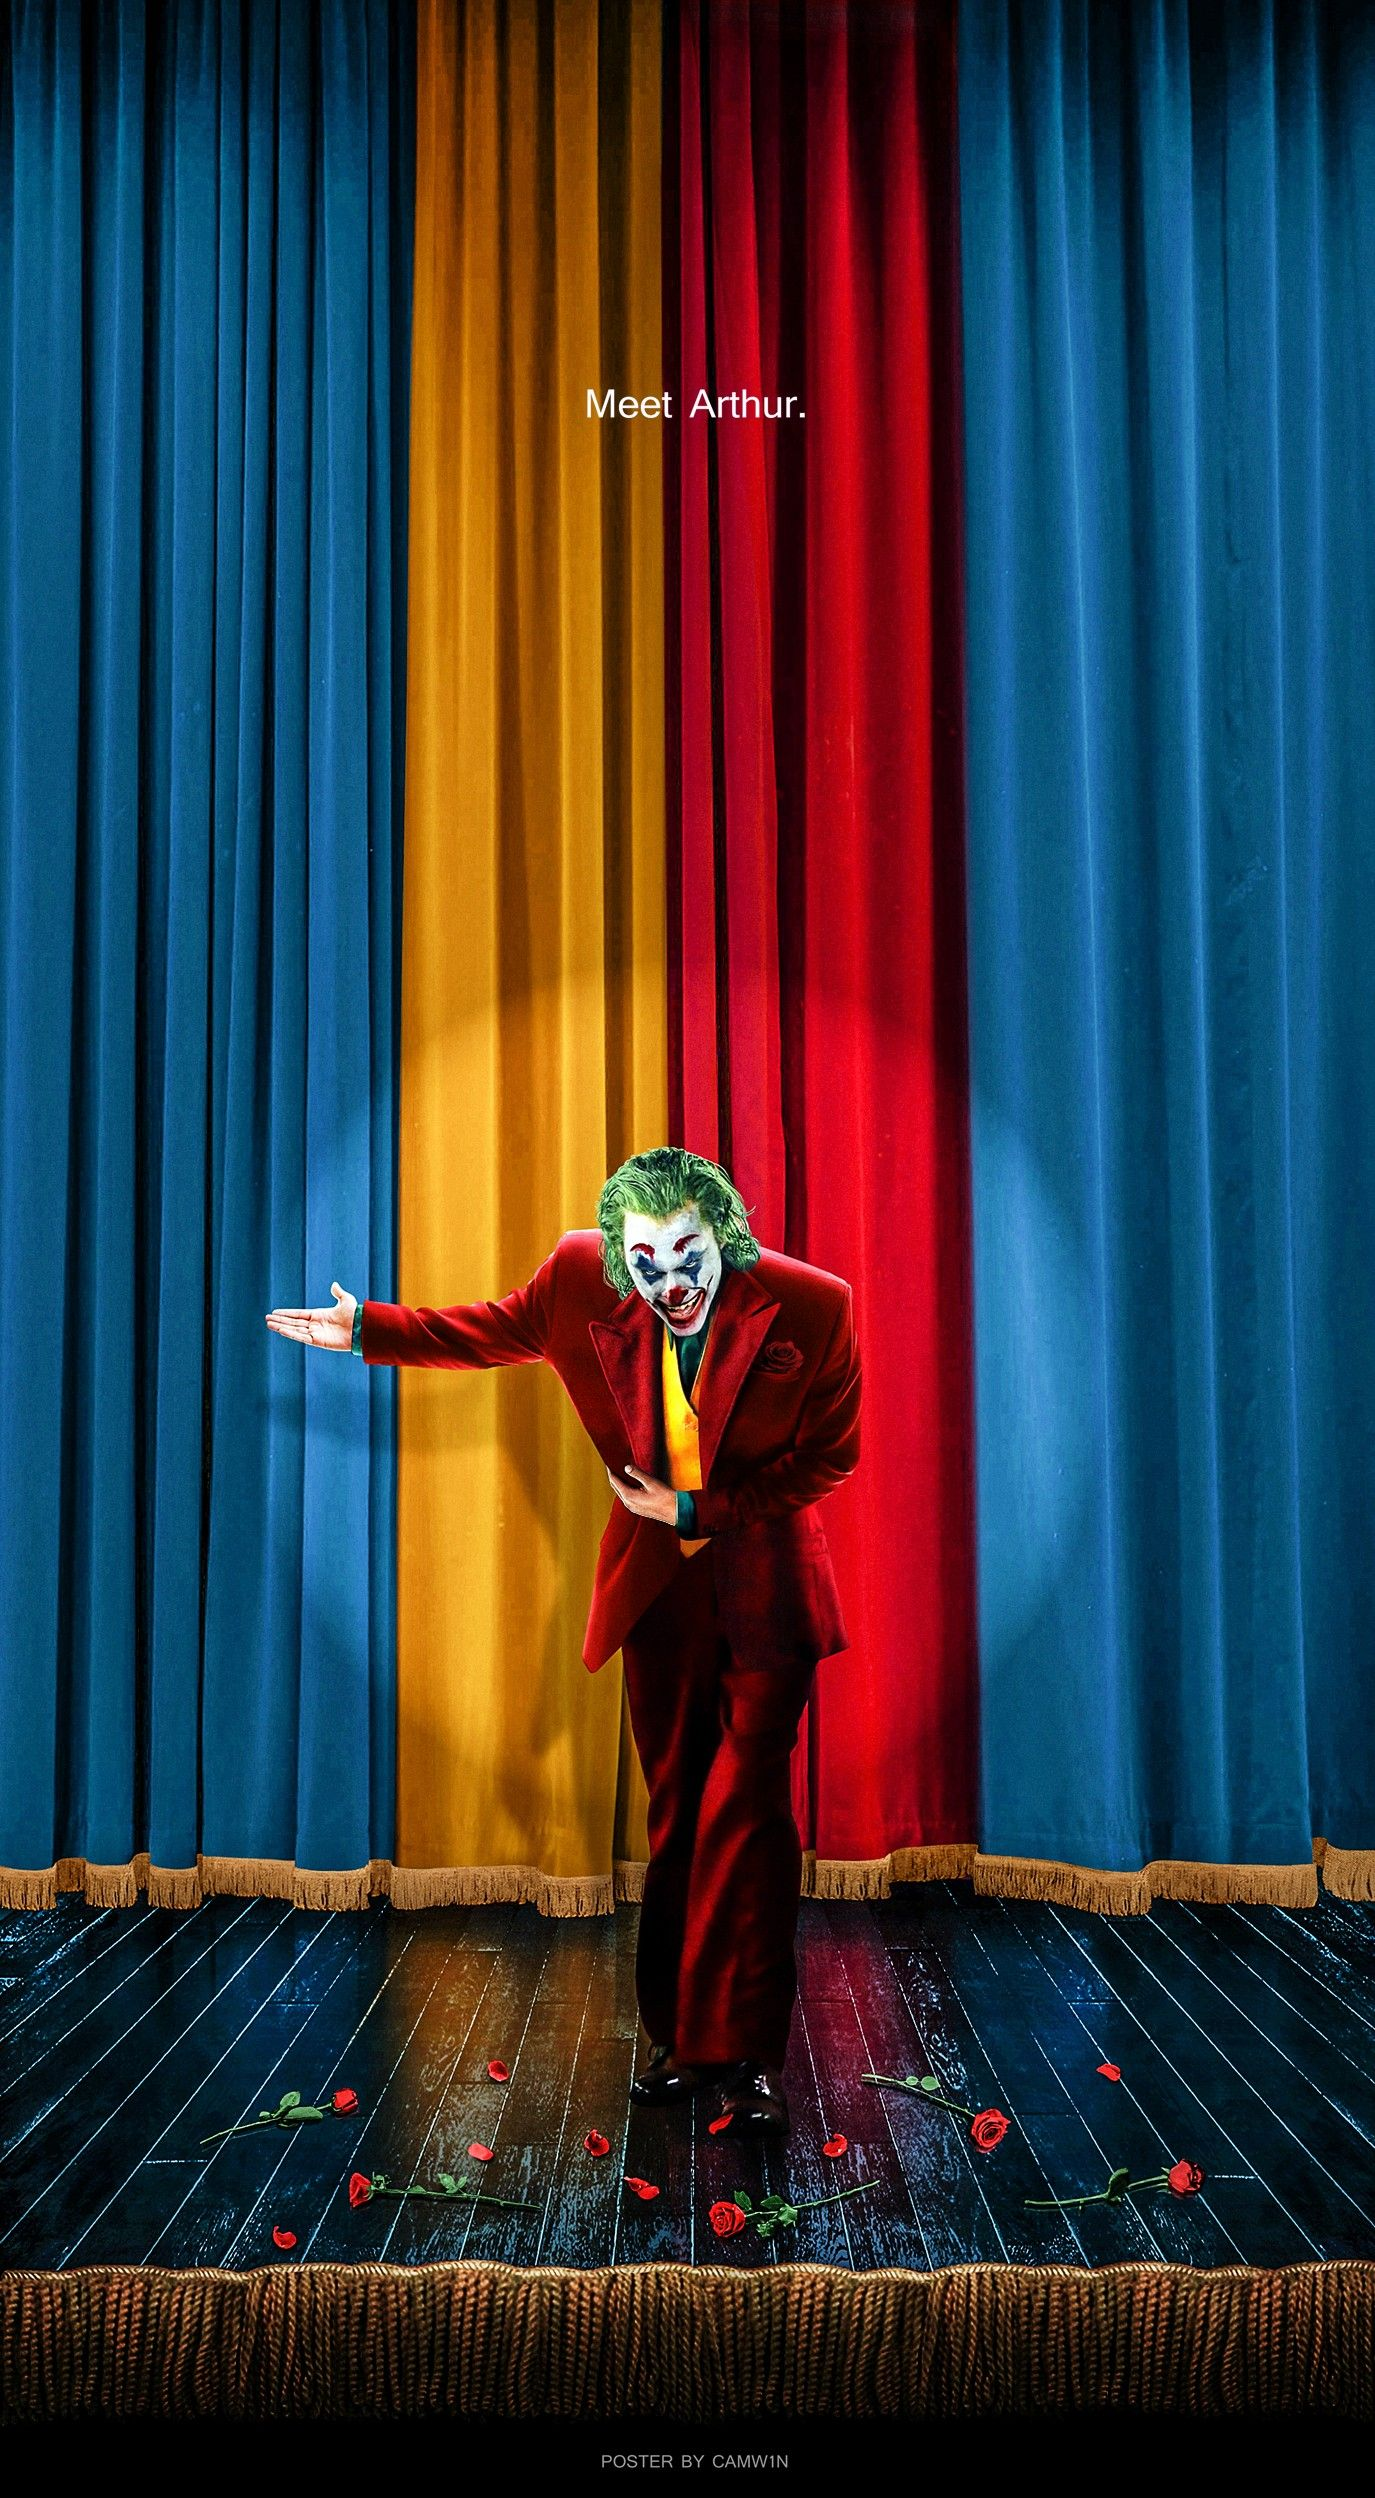 Joker 2019 Fan Poster By Camw1n Joker Iphone Wallpaper